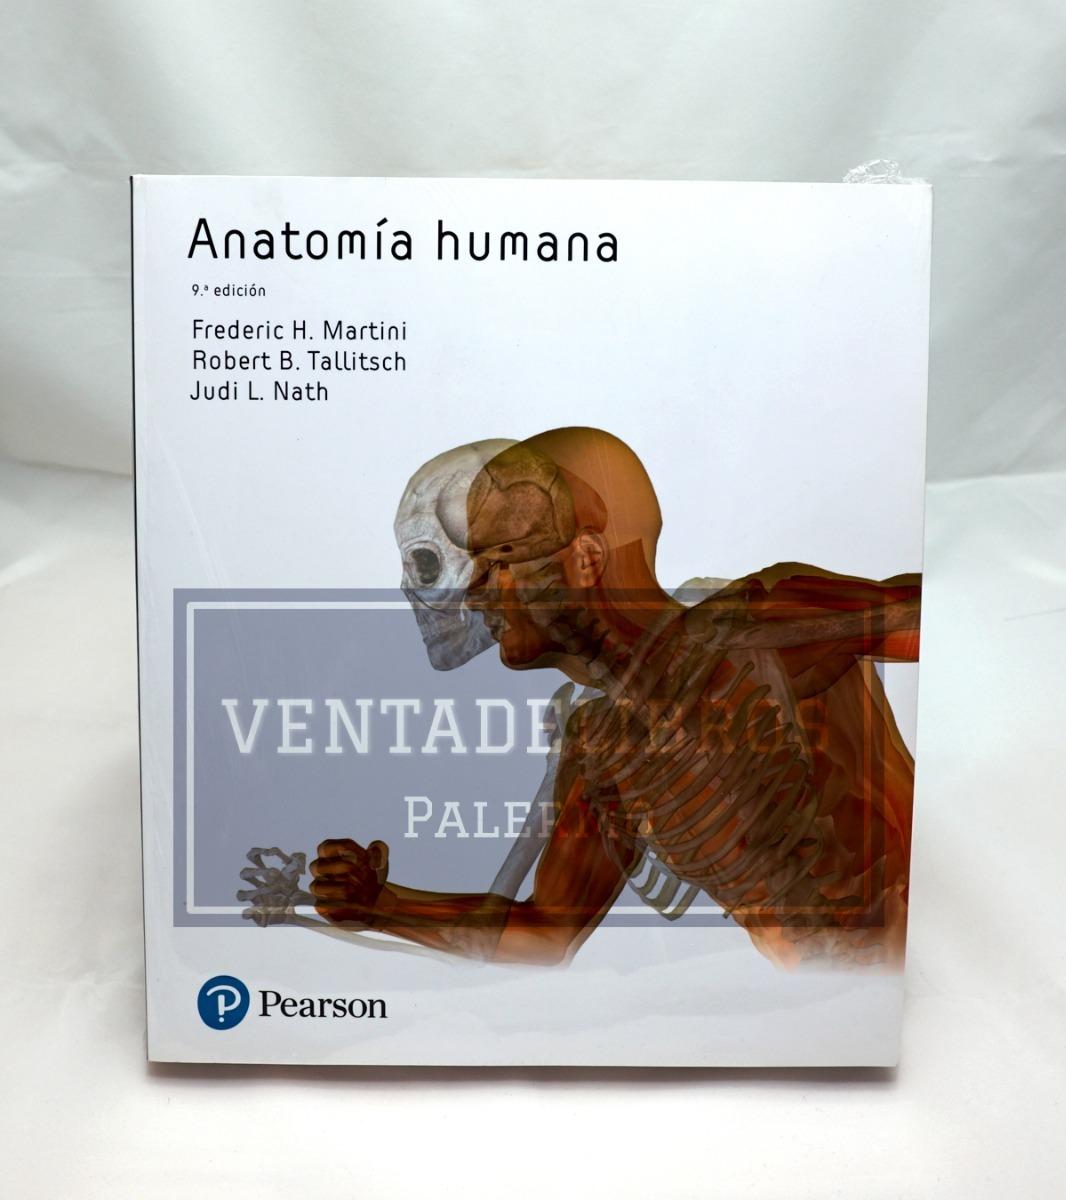 Anatomia Humana 9 Ed Martini Pearson 2018 - $ 3.429,00 en Mercado Libre